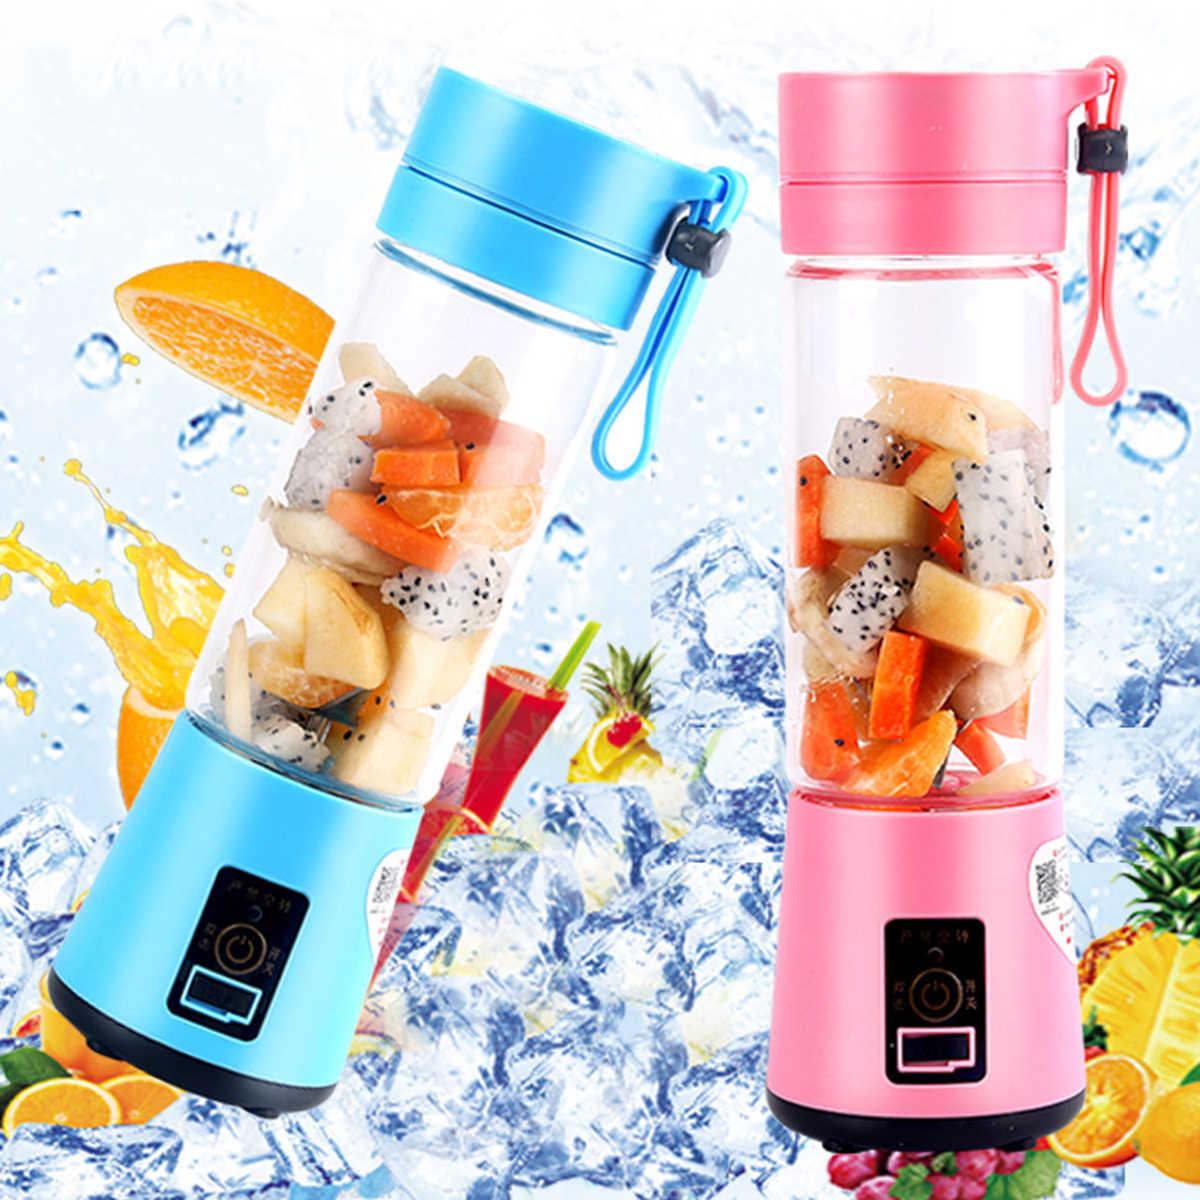 380 ml Recarregável USB Garrafa Xícara de Suco de Limão Citrus Liquidificador Espremedor Espremedores e Alargadores Fruit Smoothie Milkshake Bott